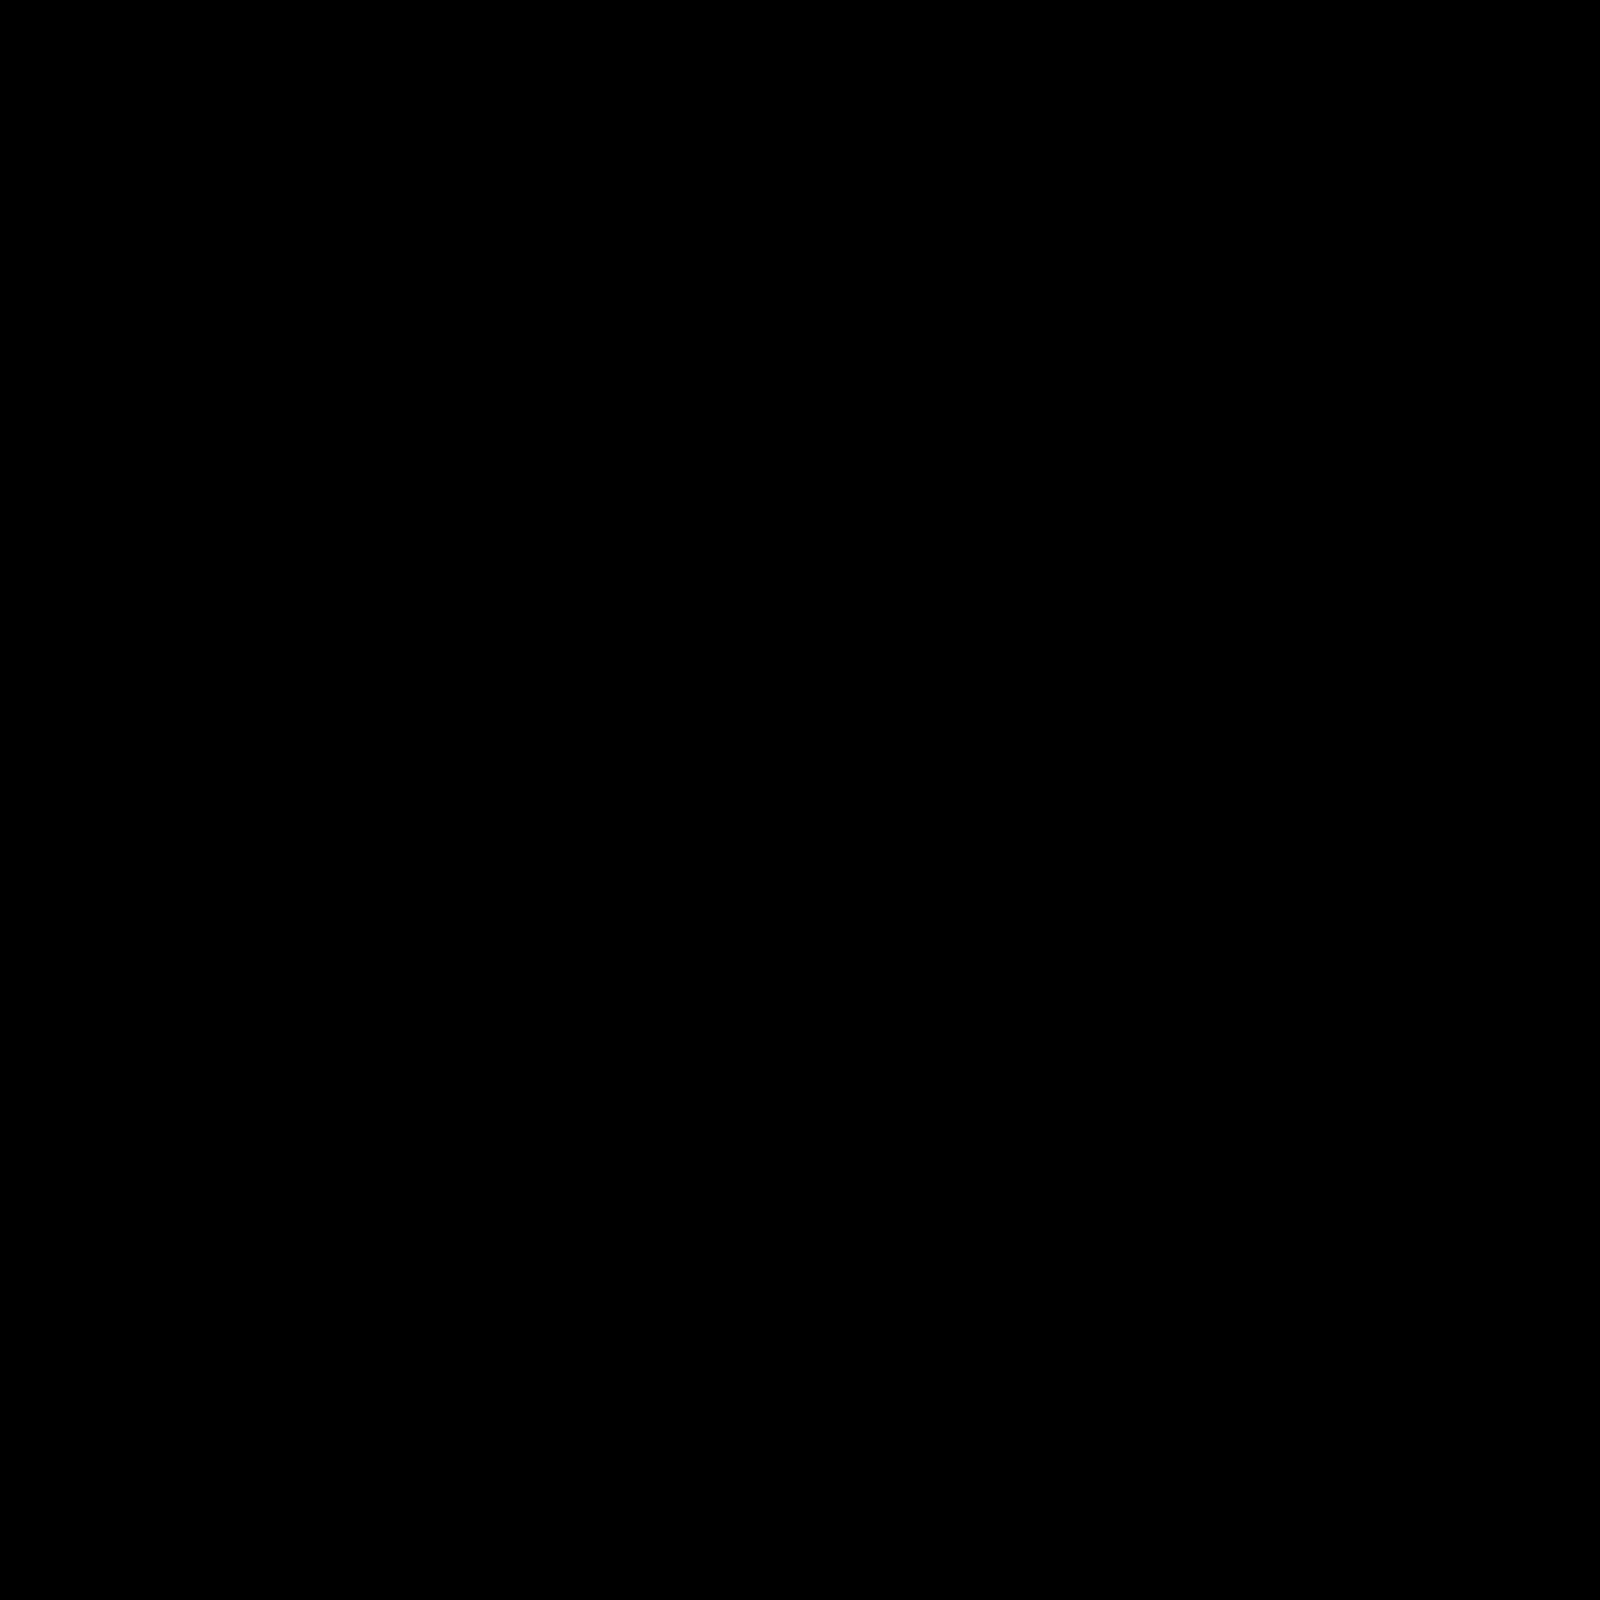 ベジタリアンフード icon. It's a logo for vegetarian food with a tomato and a glass of some sort of liquid. The tomato is made of an almost complete circle with five small leaves and a stem on top. The bottle is to the right slightly behind it and is plain with only the bottle and a cap on it.